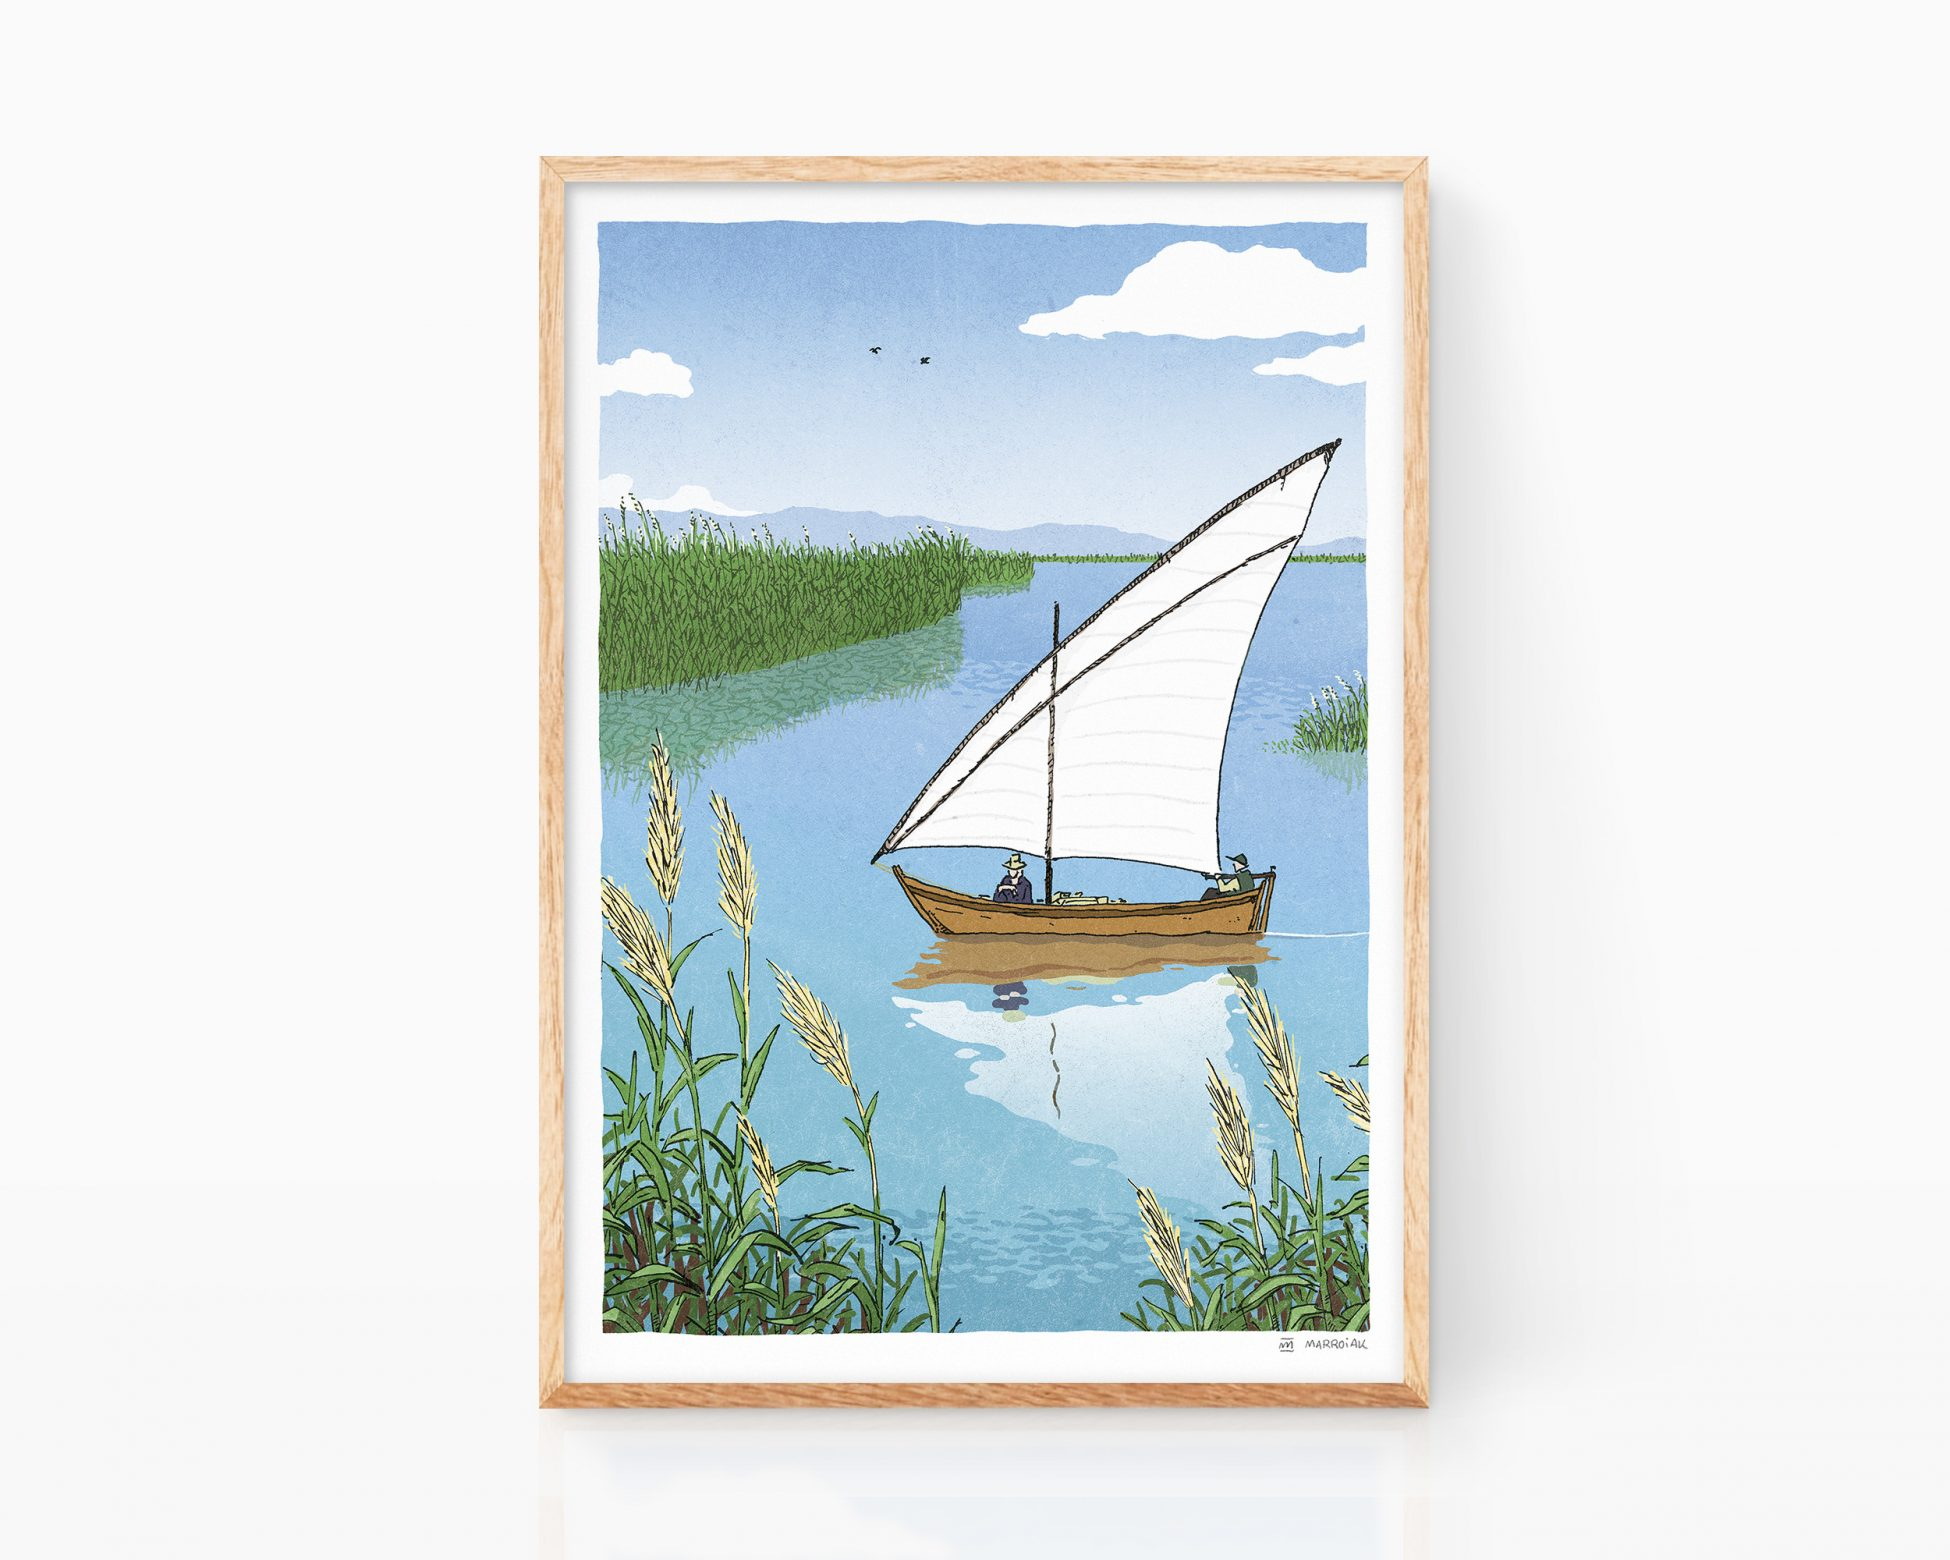 Lámina con una ilustración del parque natural de la albufera en Valencia. Poster de viaje. Souvenir